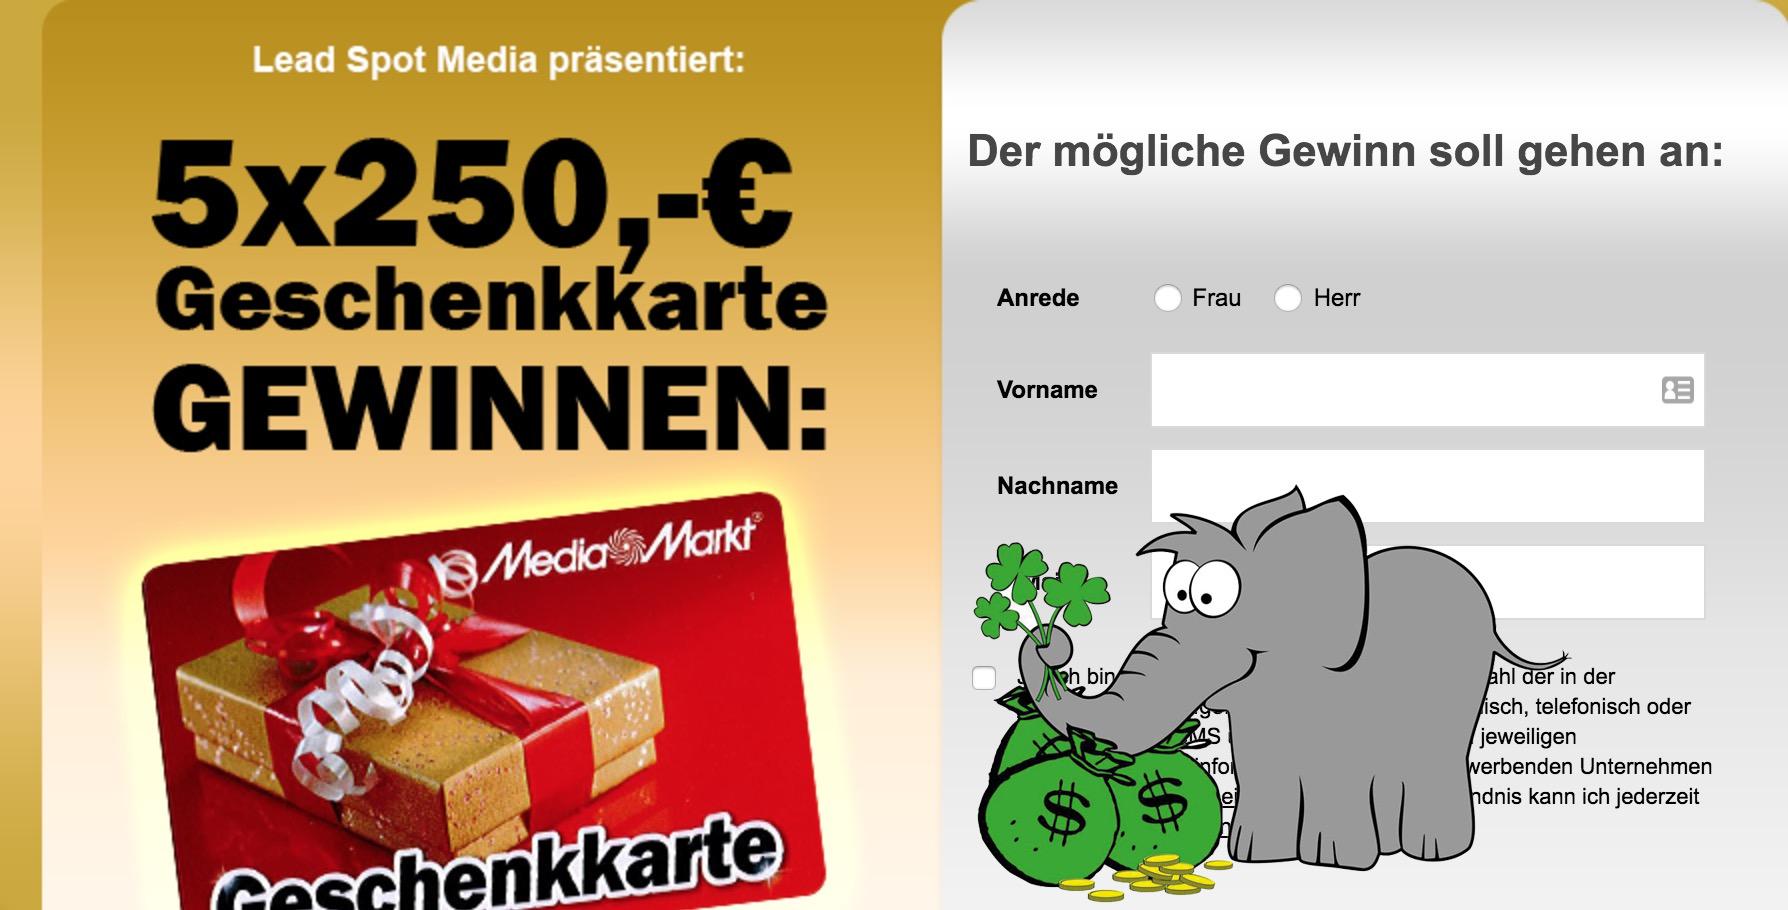 Media Markt Glücksrad Gewinnspiel